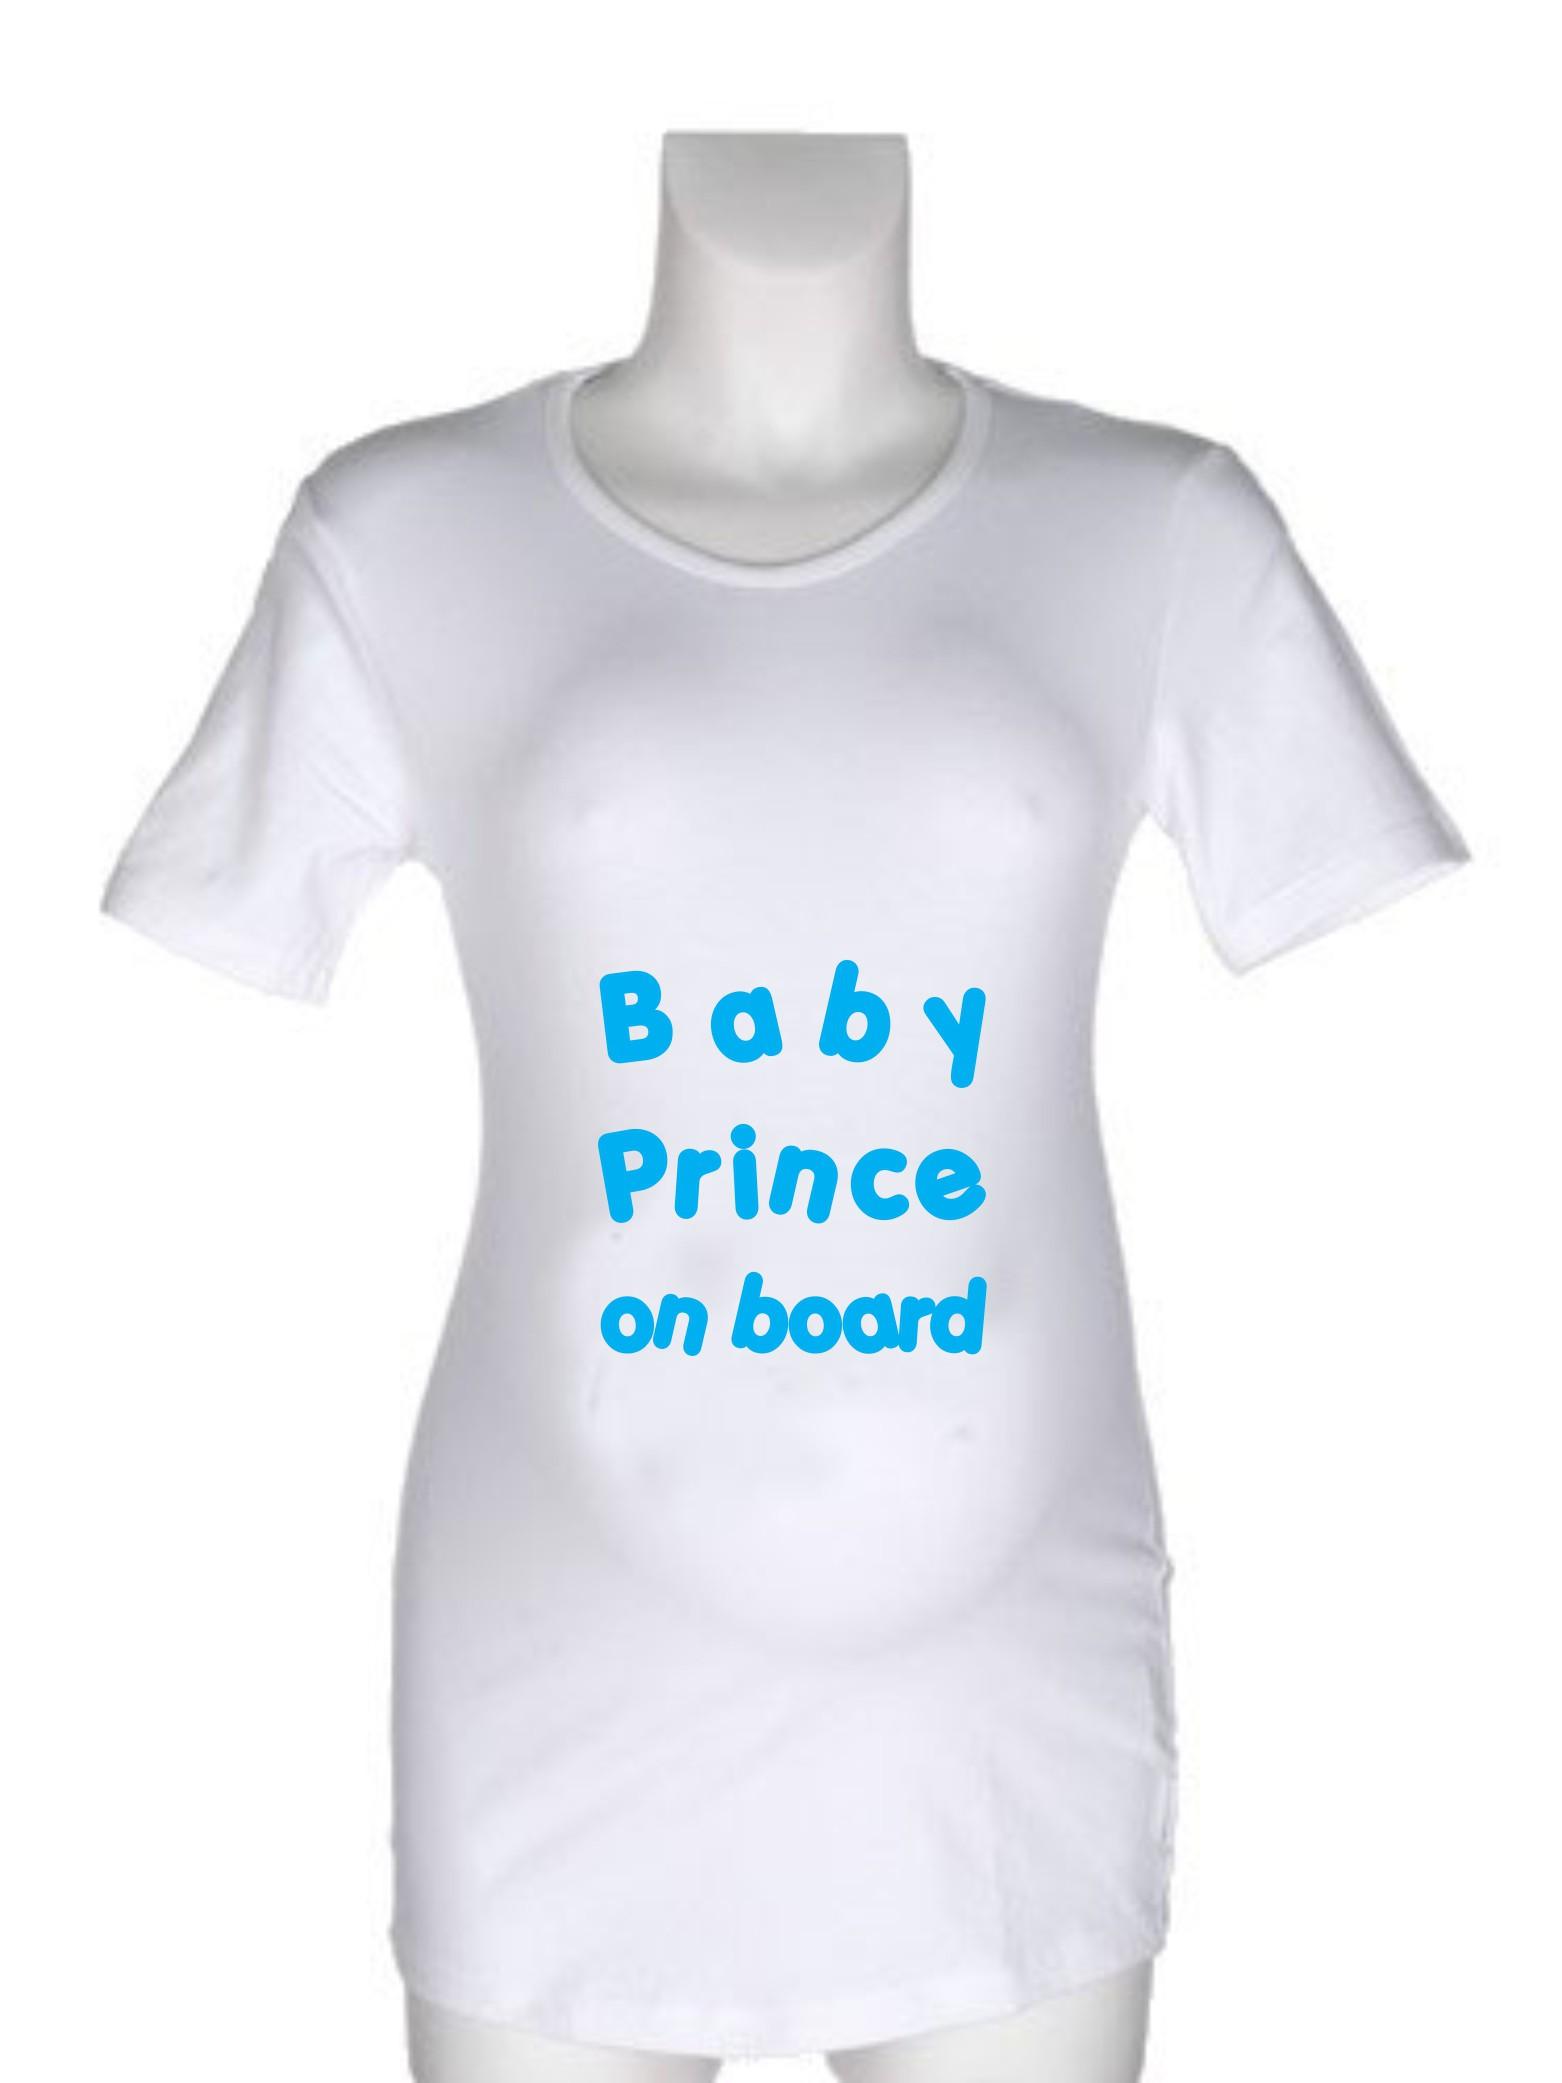 Nosečniška majica z napisom – Baby Prince on board